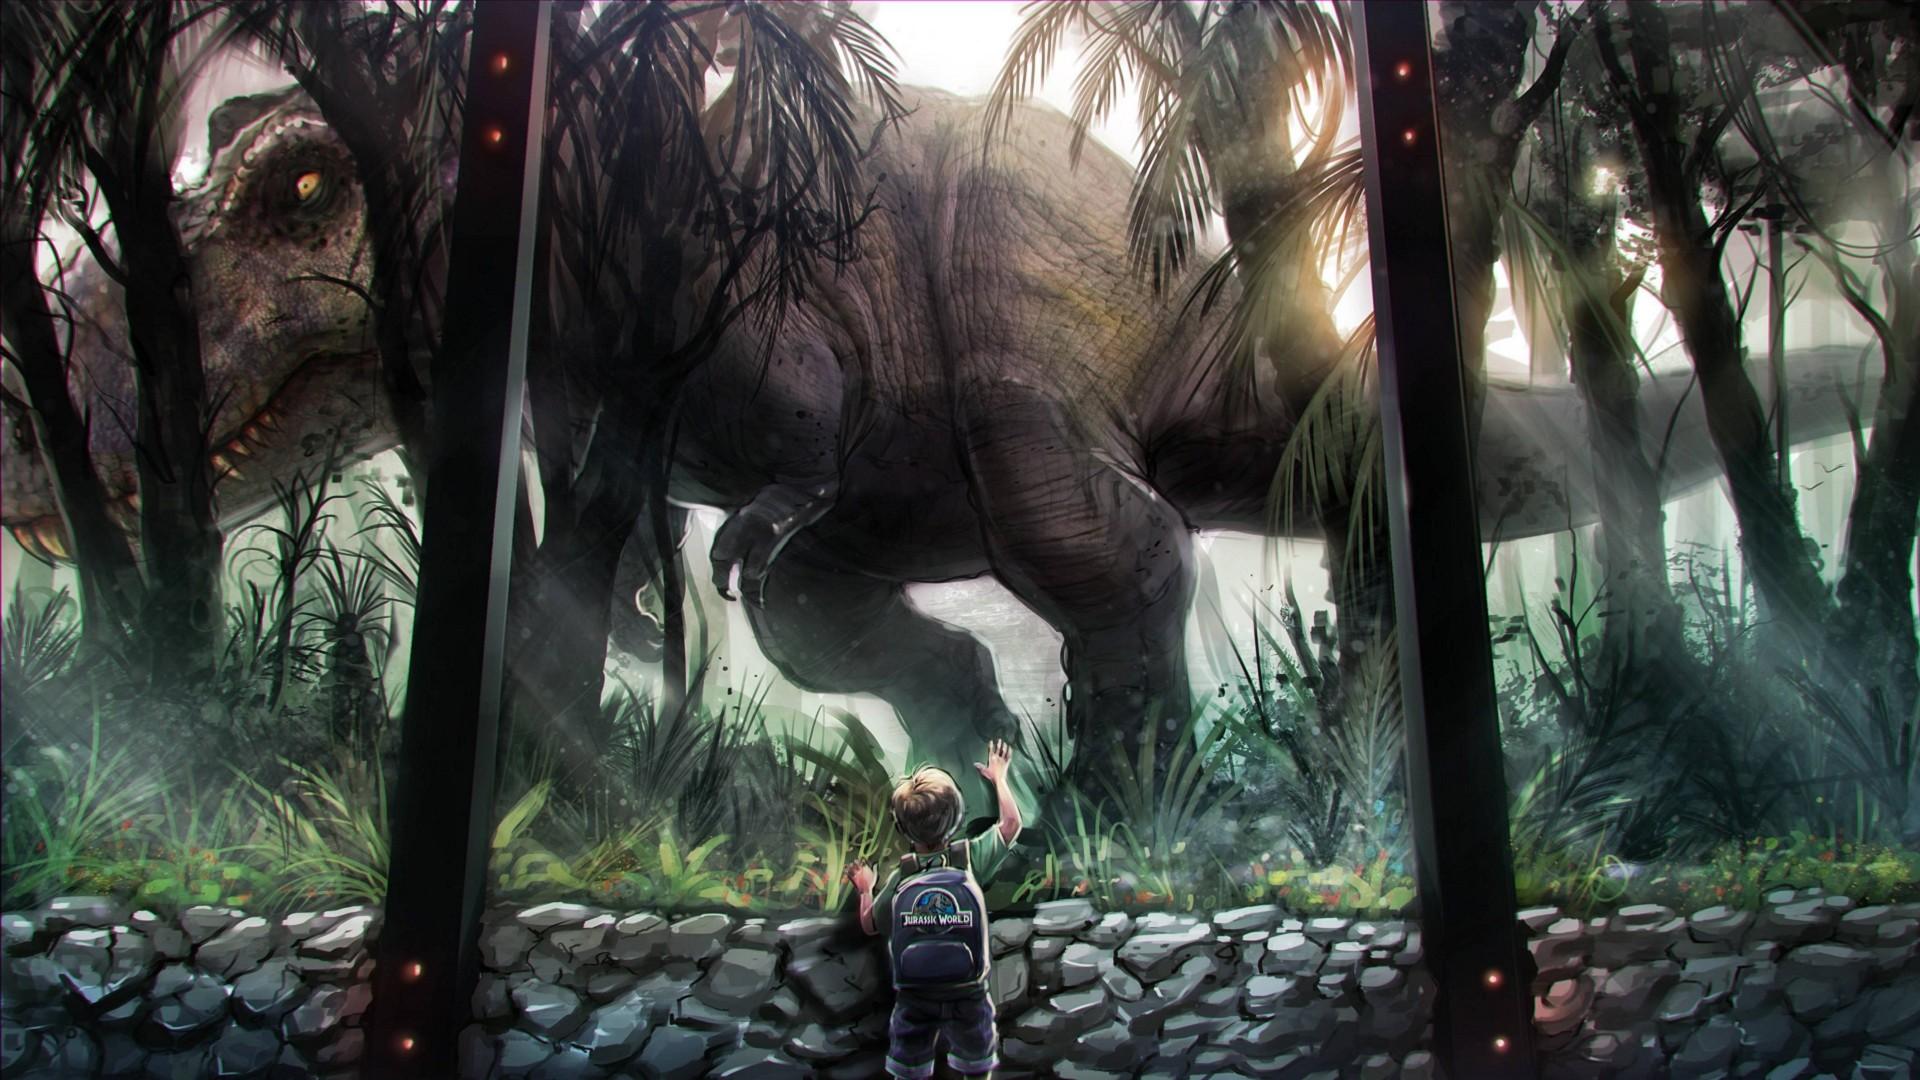 Jurassic World a wallpaper